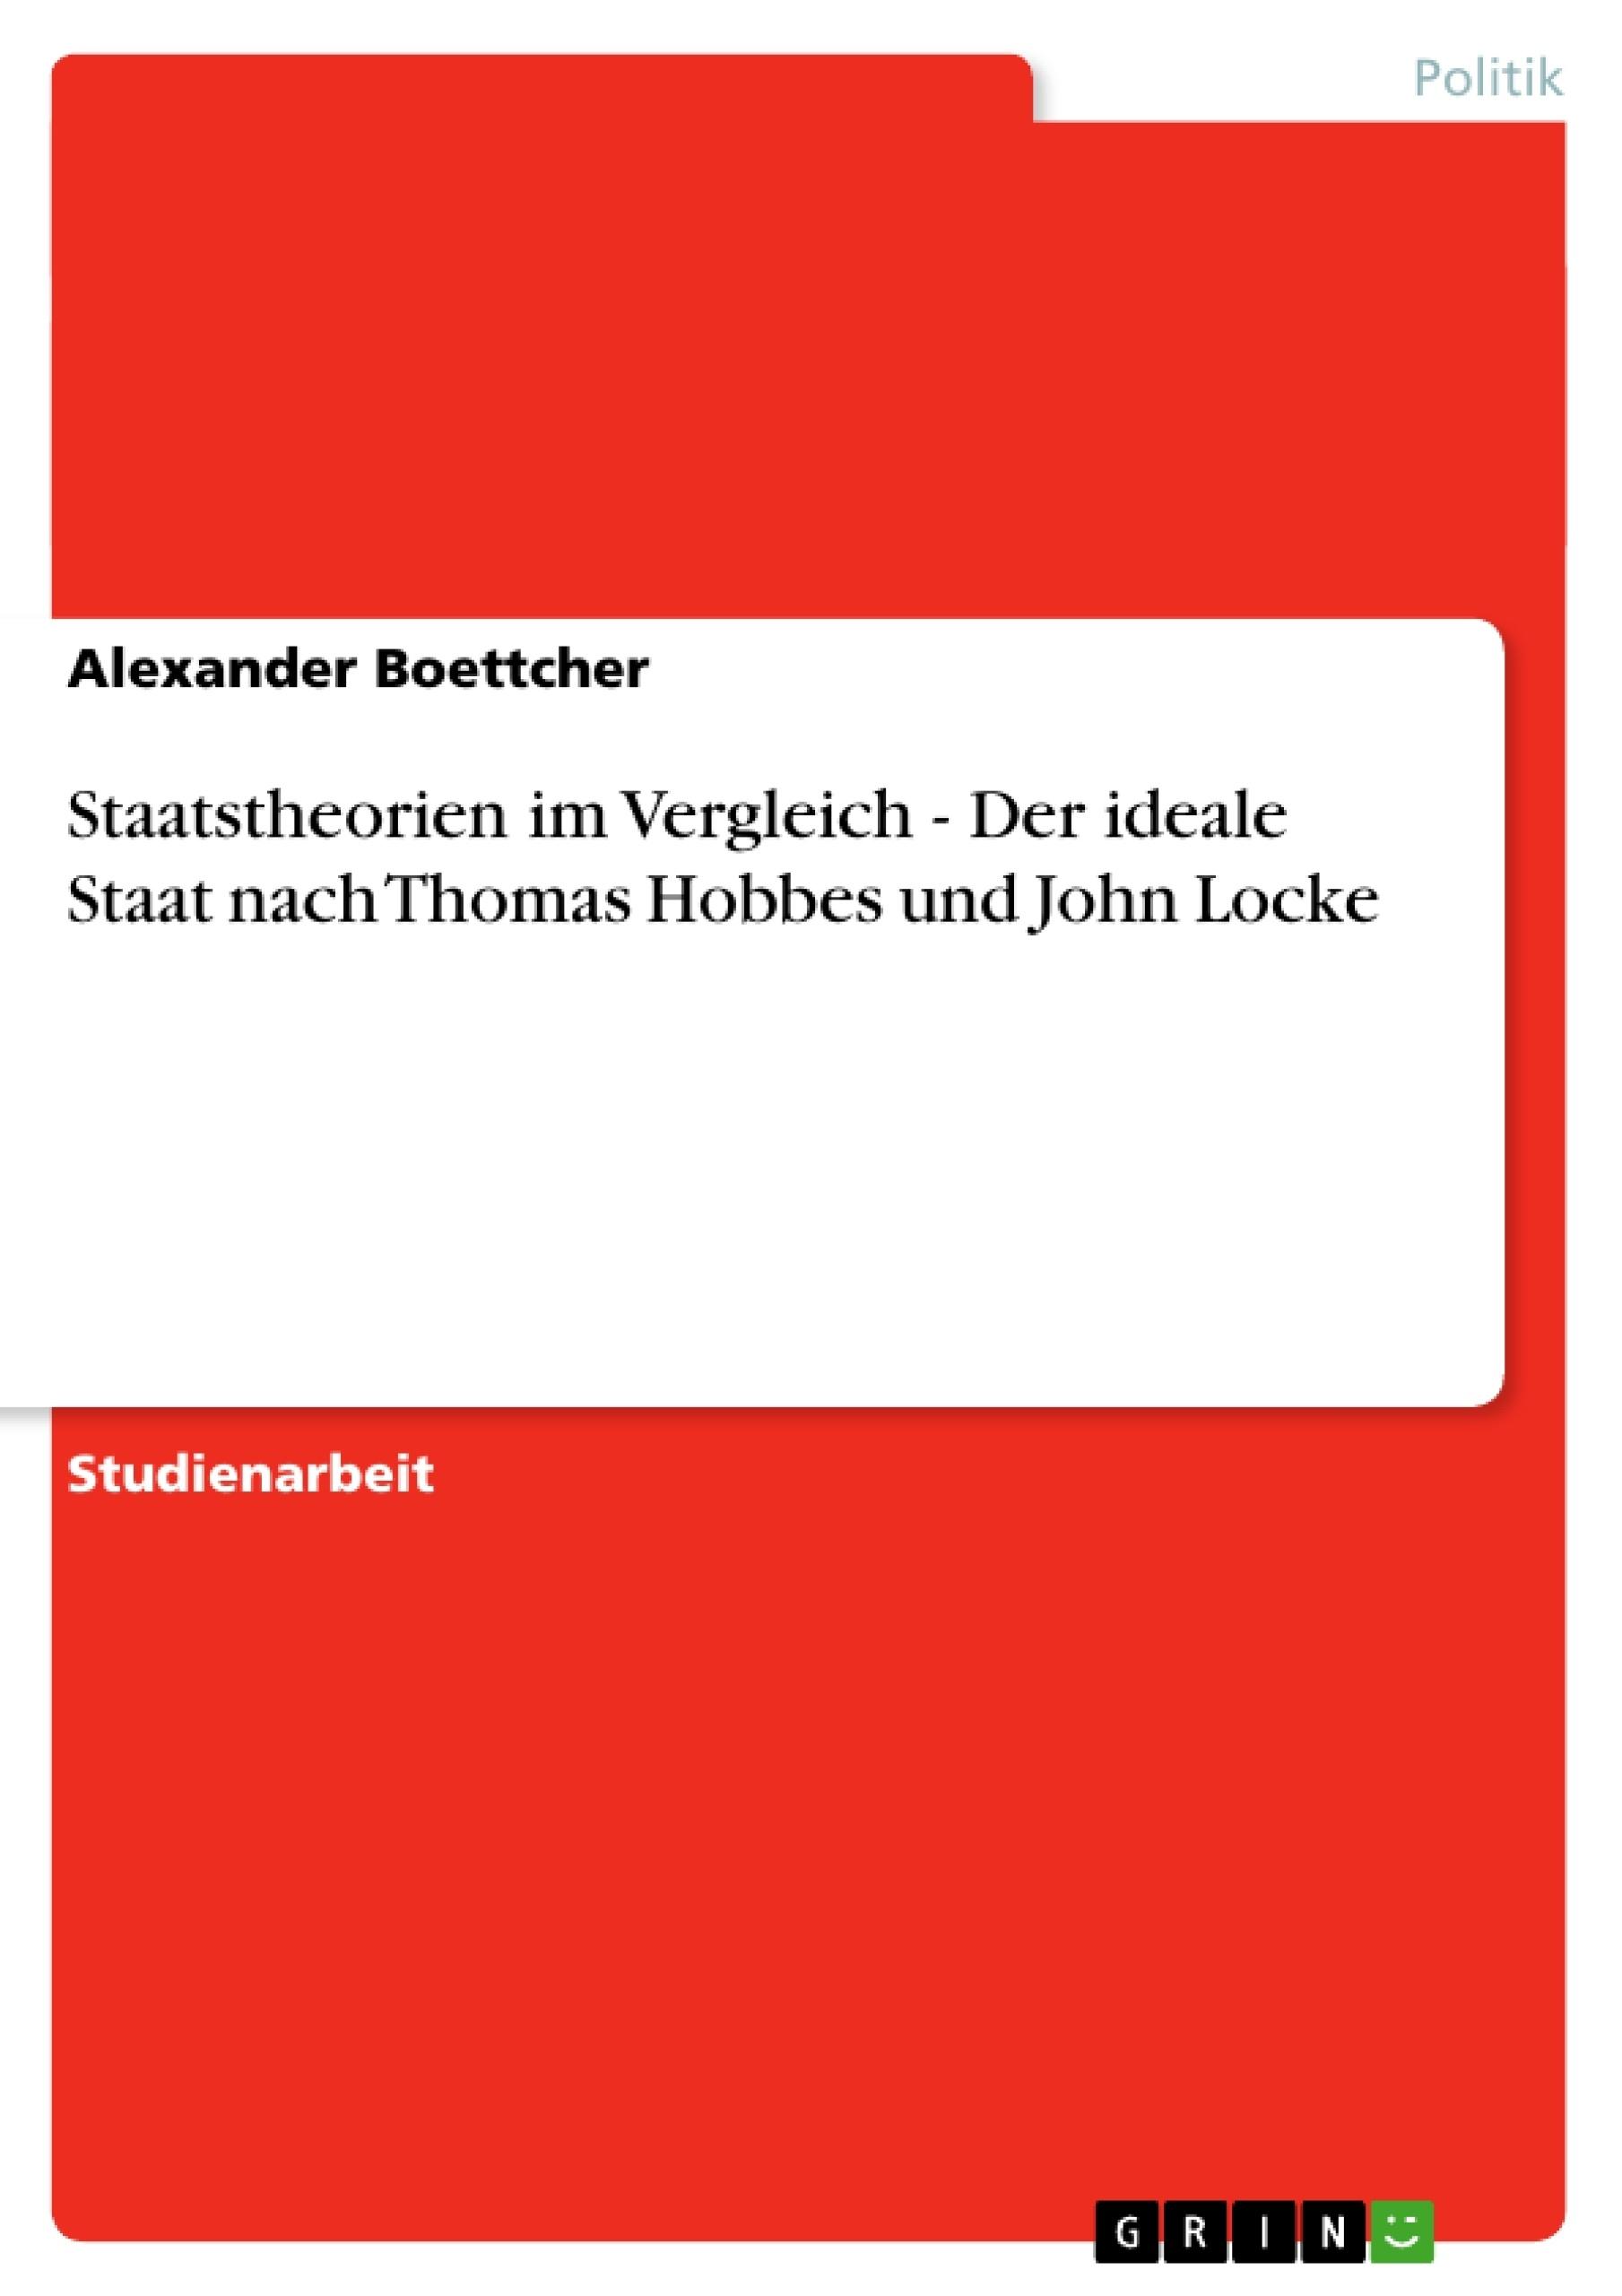 Titel: Staatstheorien im Vergleich - Der ideale Staat nach Thomas Hobbes und John Locke